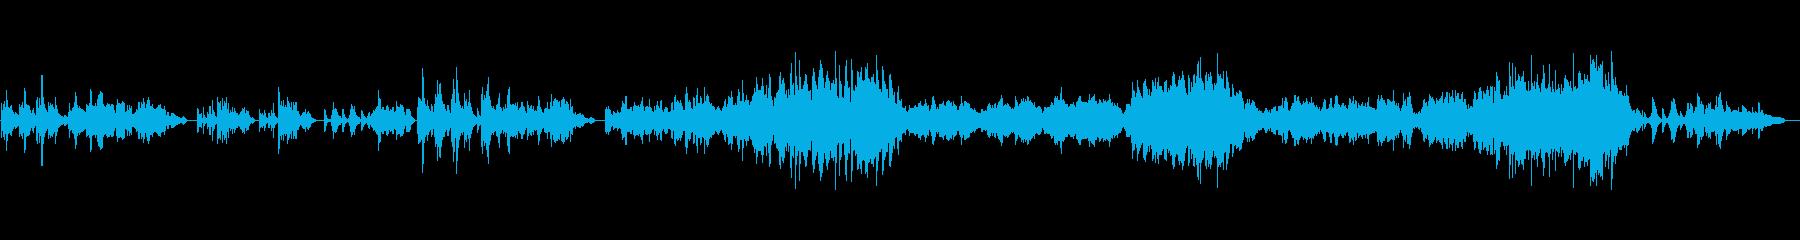 【生演奏】カッコいいバイオリンソナタ3章の再生済みの波形